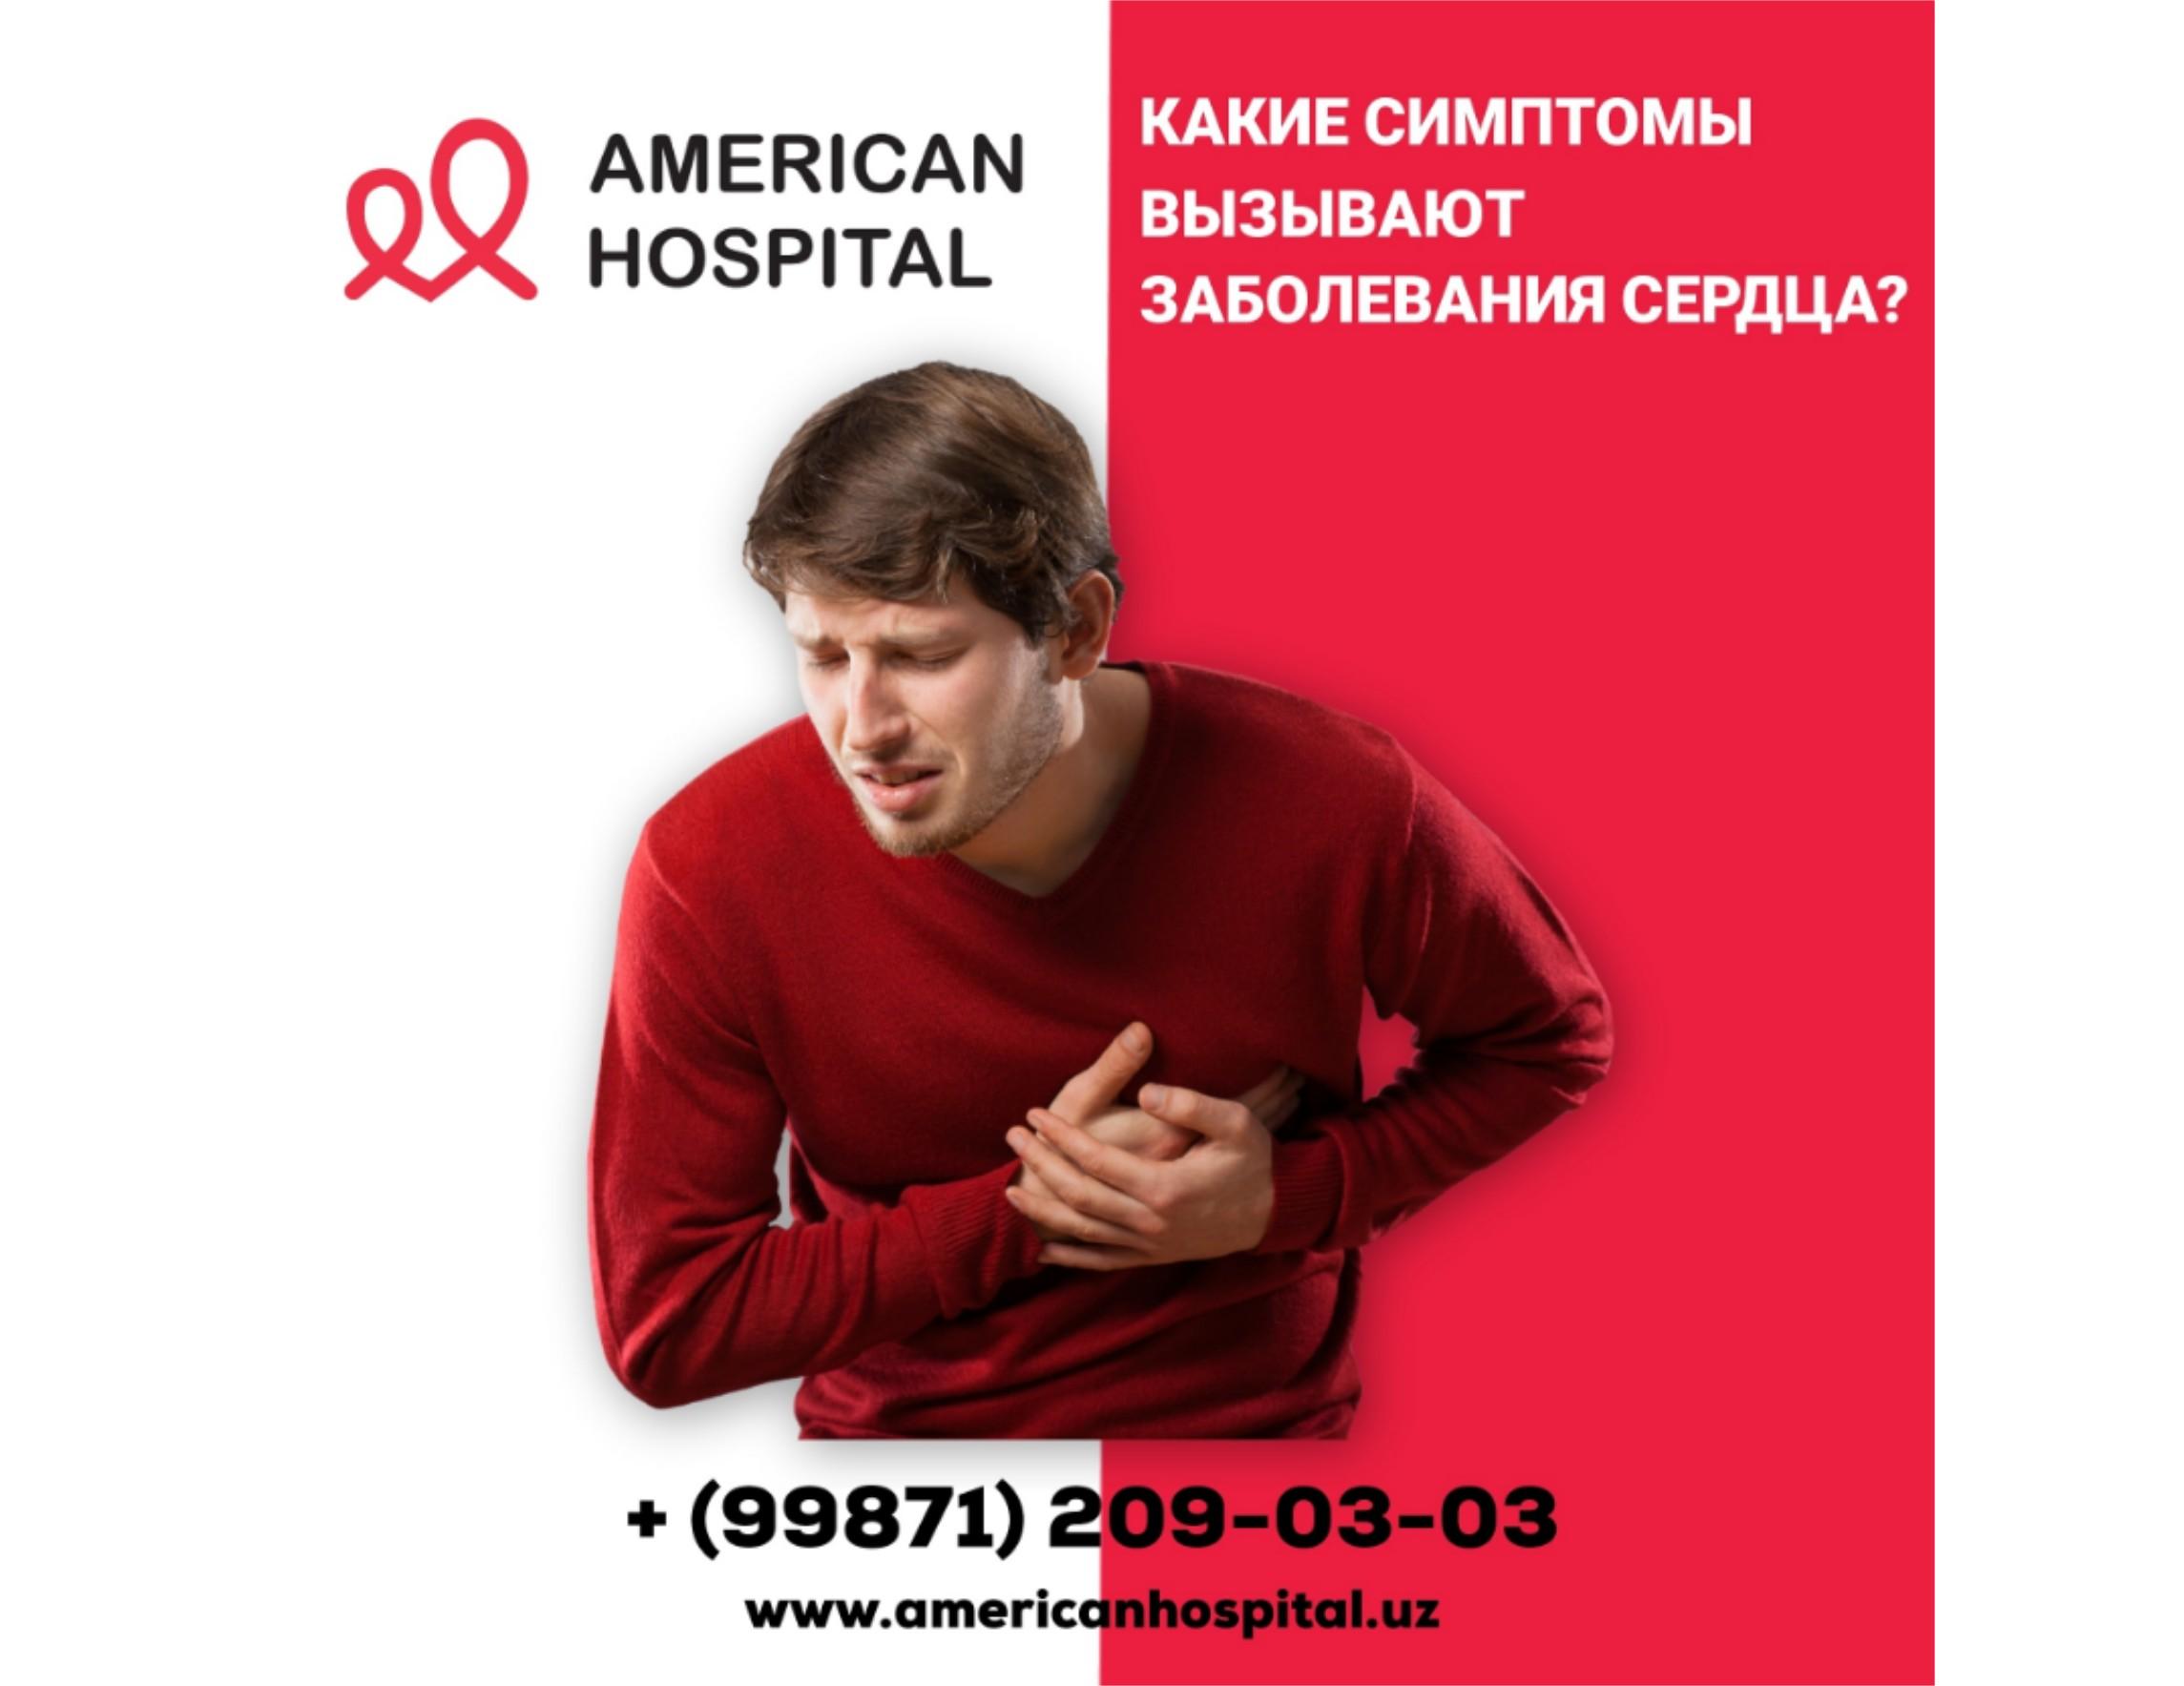 Какие симптомы вызывают заболевания сердца?